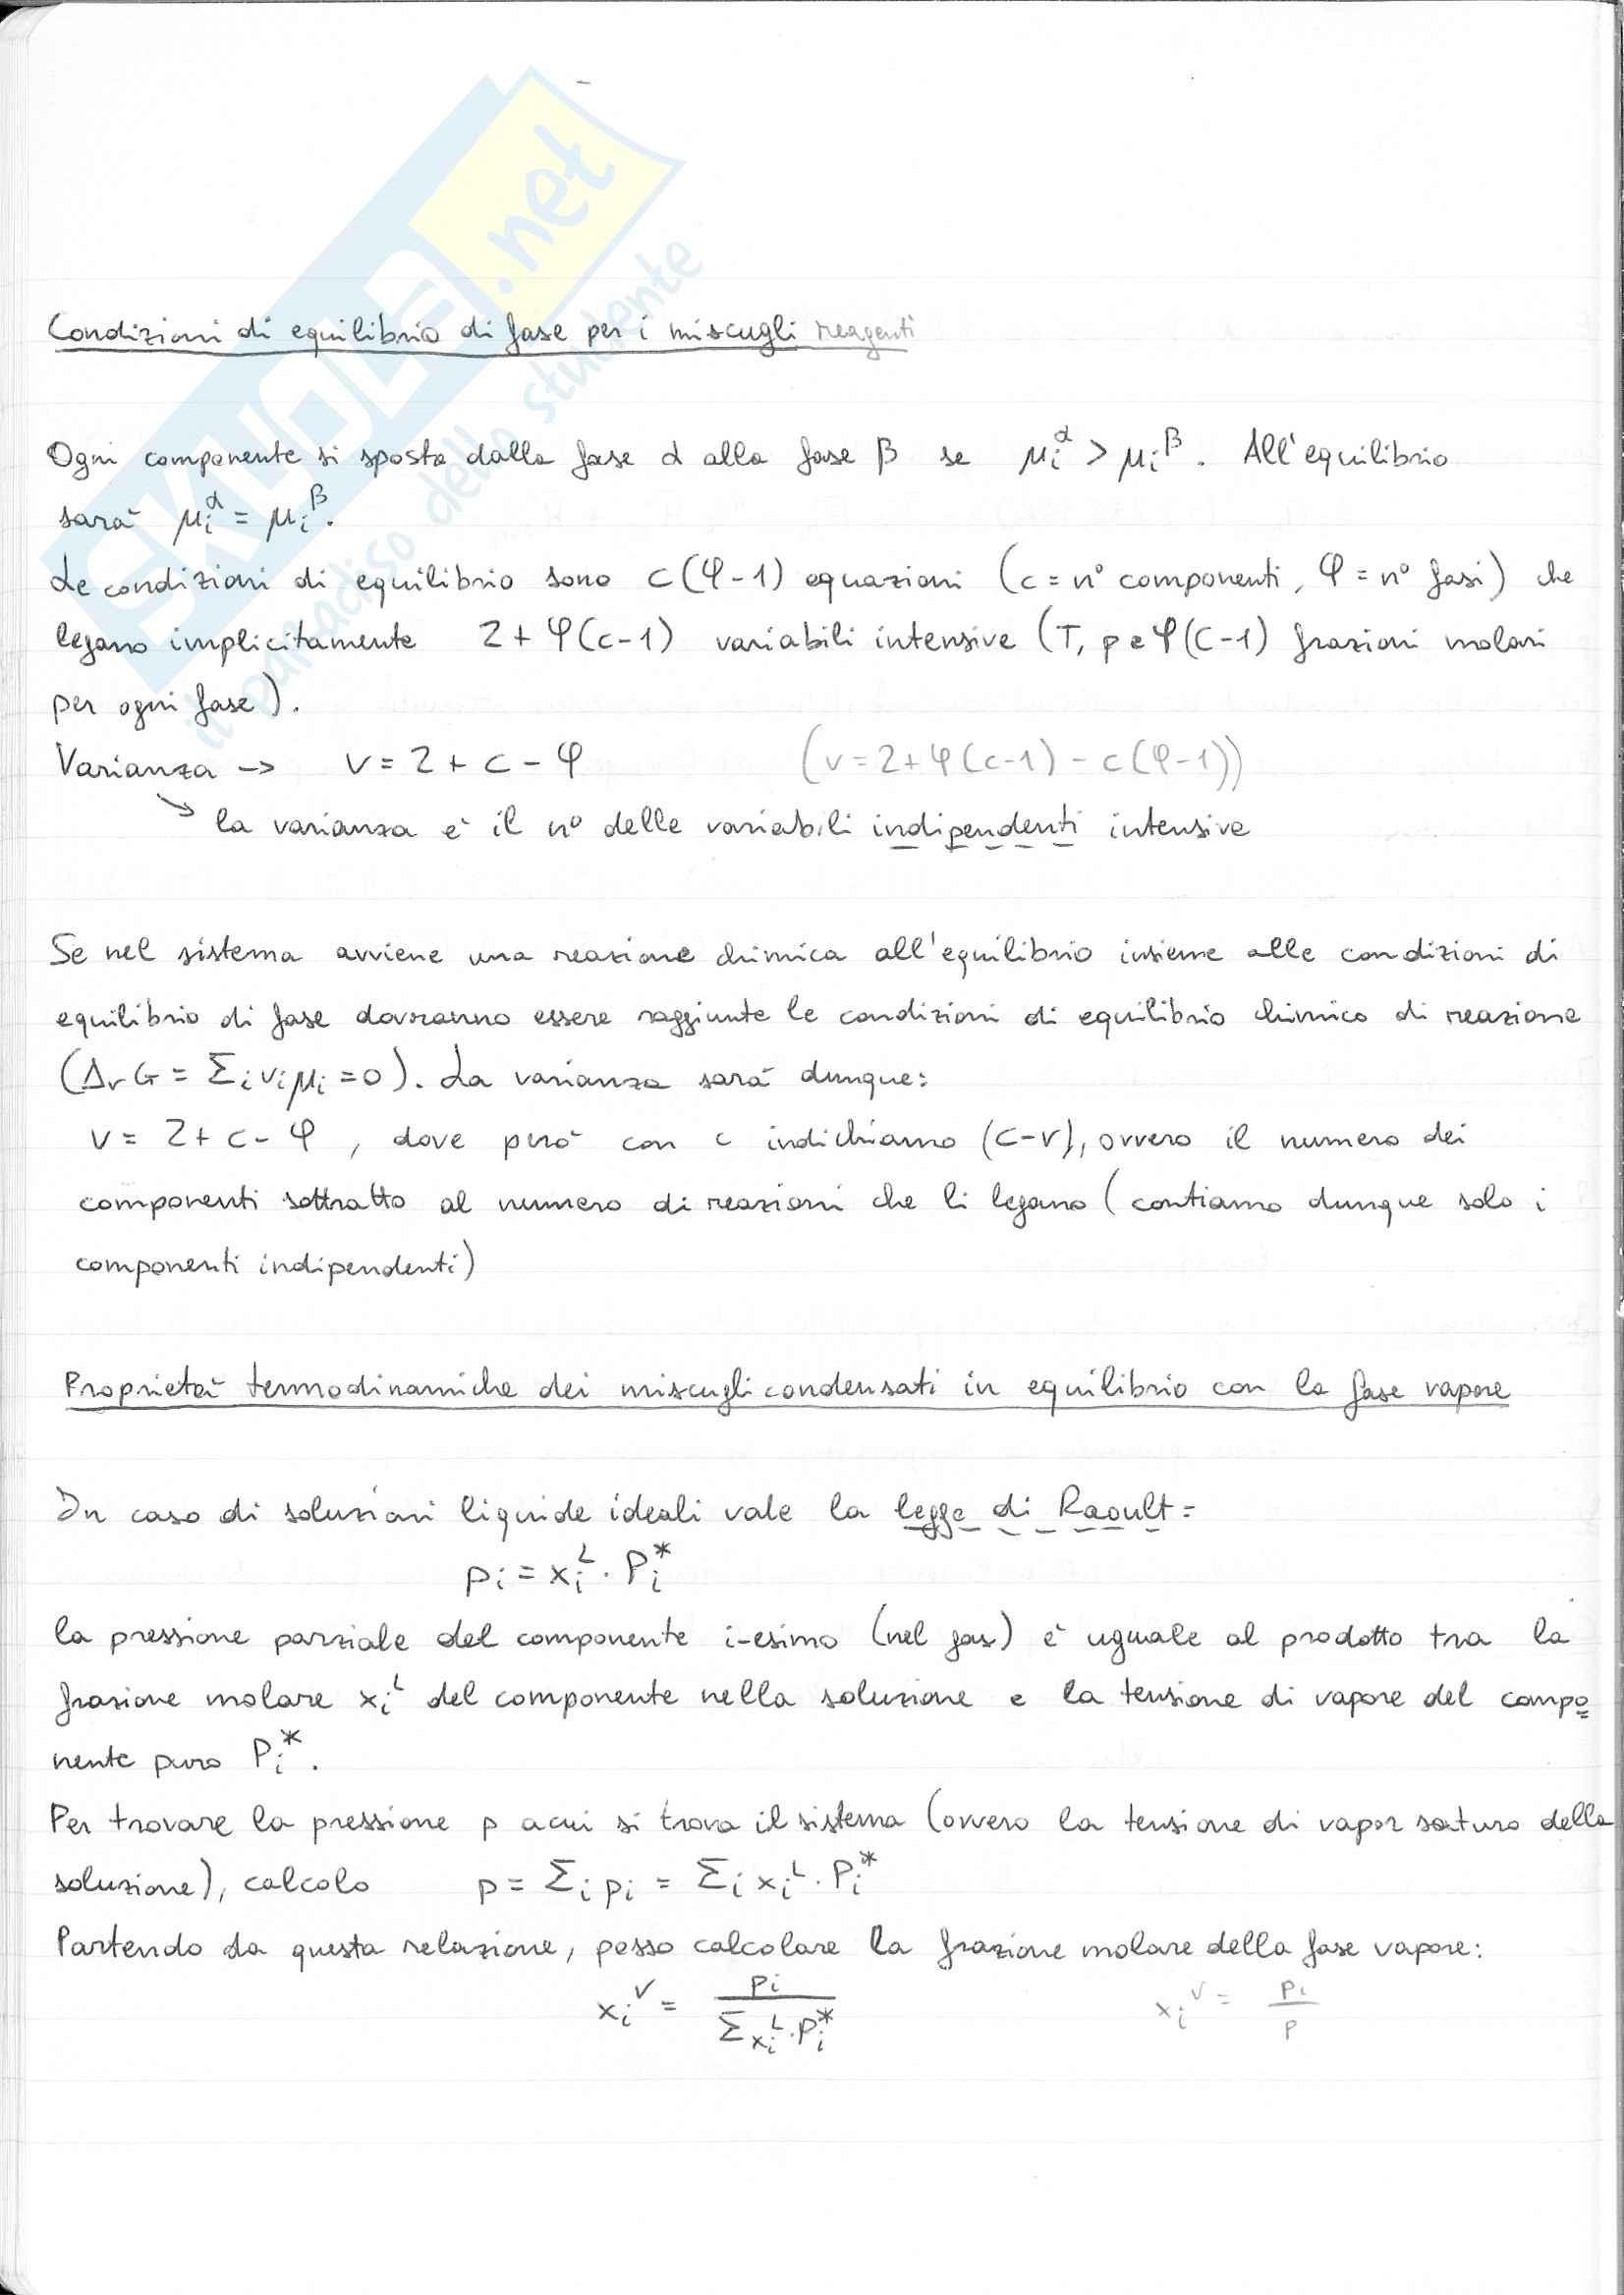 Appunti Chimica Fisica I (Termodinamica Chimica), ideale per tutti i corsi che interessano la termodinamica chimica Pag. 26